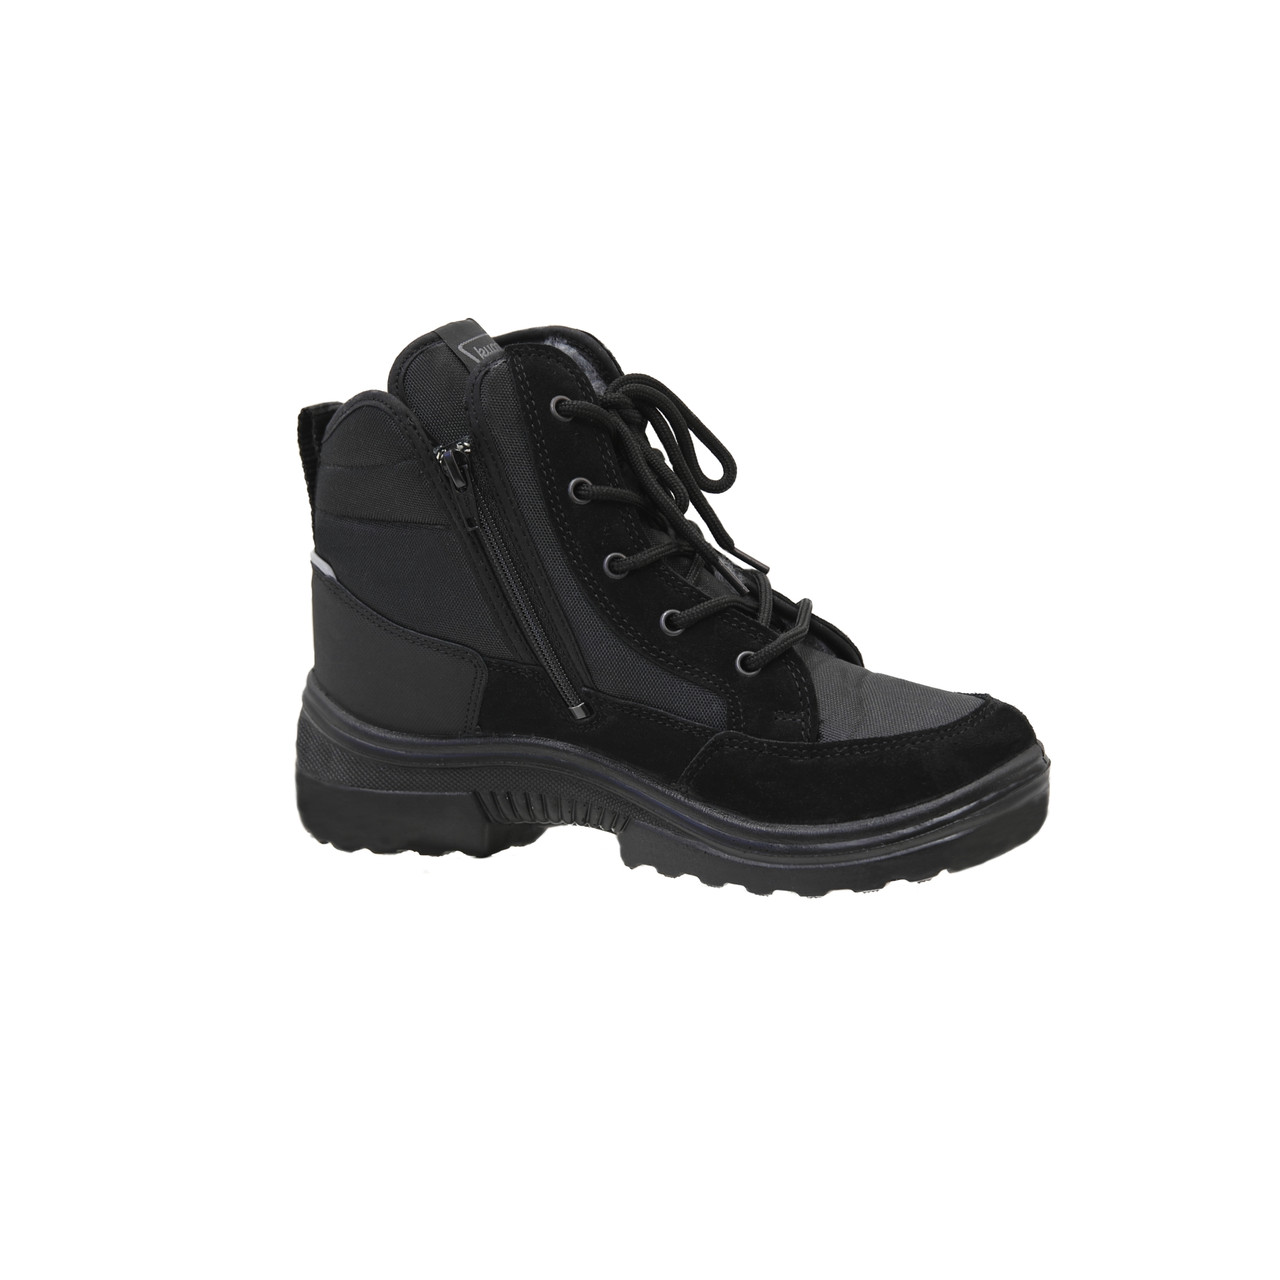 Обувь взрослая Trekking V, Black/Black - 38